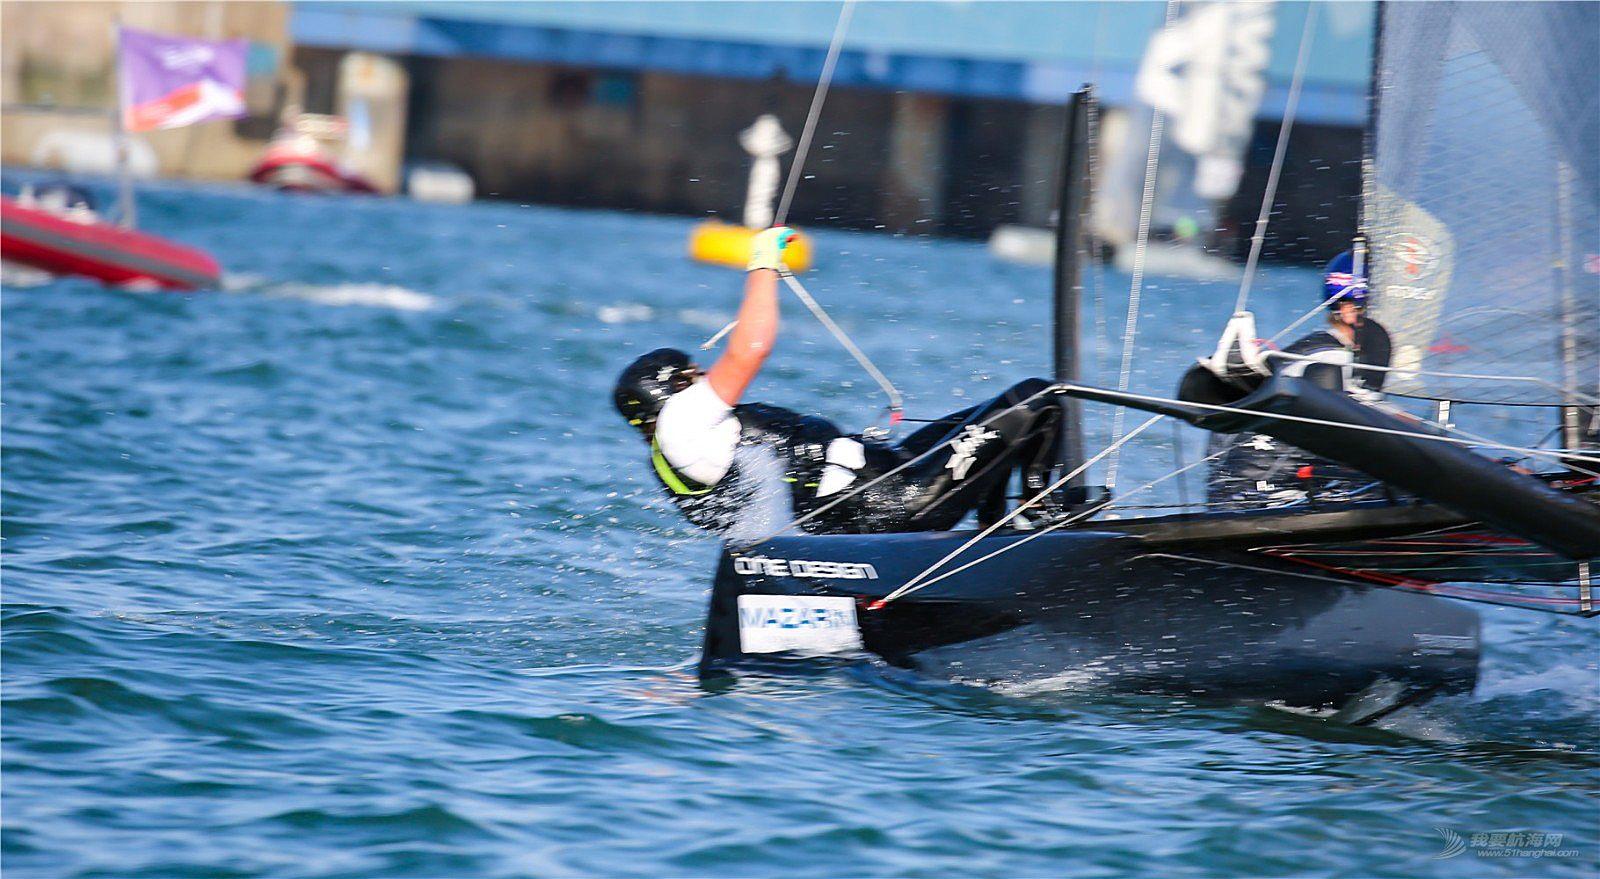 2018青岛国际极限帆船赛。帆舞浮山湾,劈浪耕海,精彩瞬间。